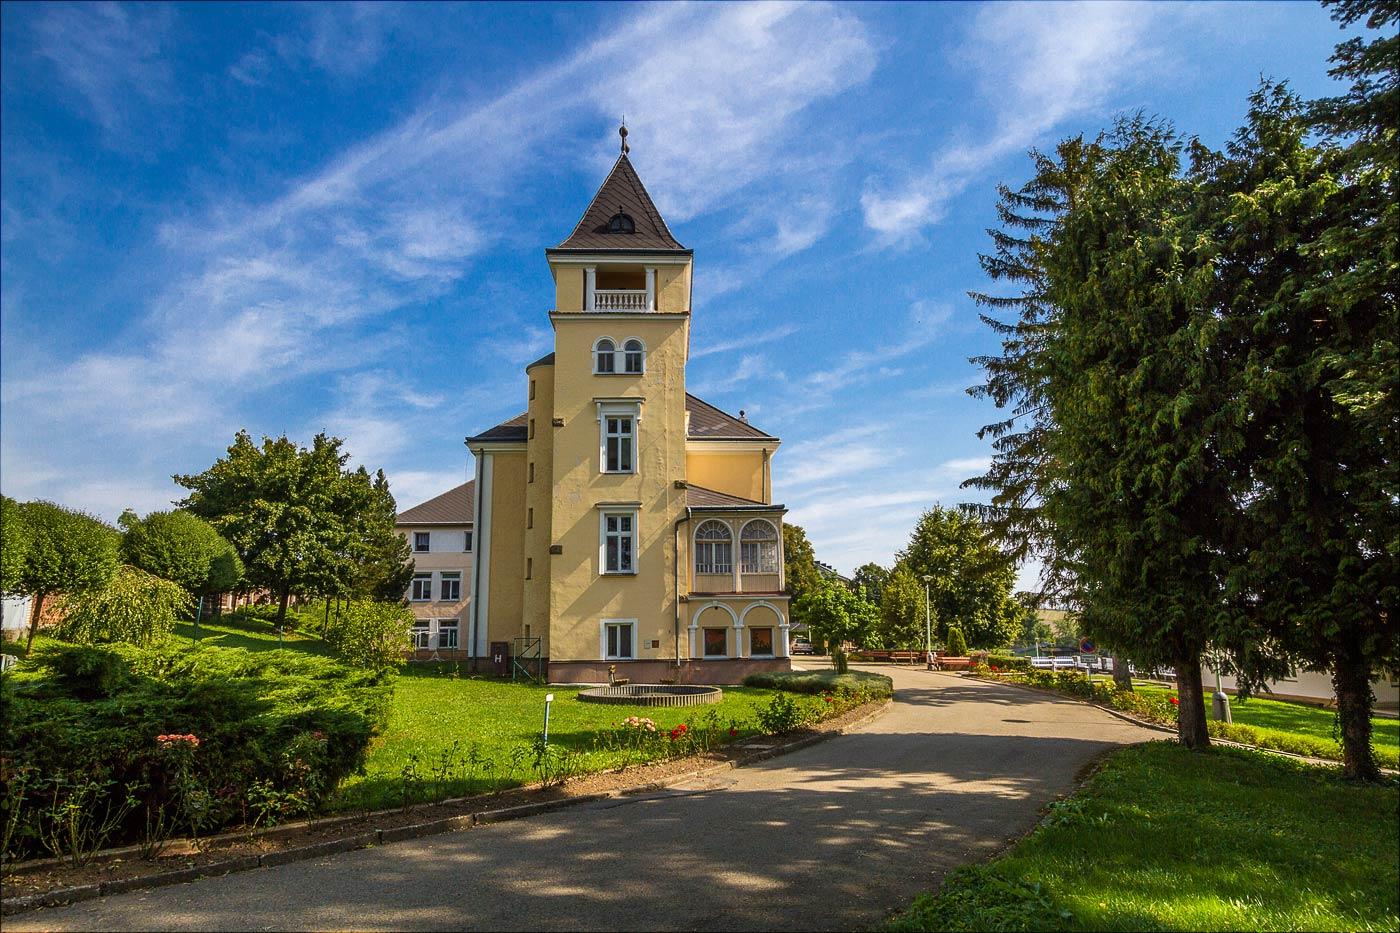 Дом престарелых, Радкова Лгота, Моравия, Чехия